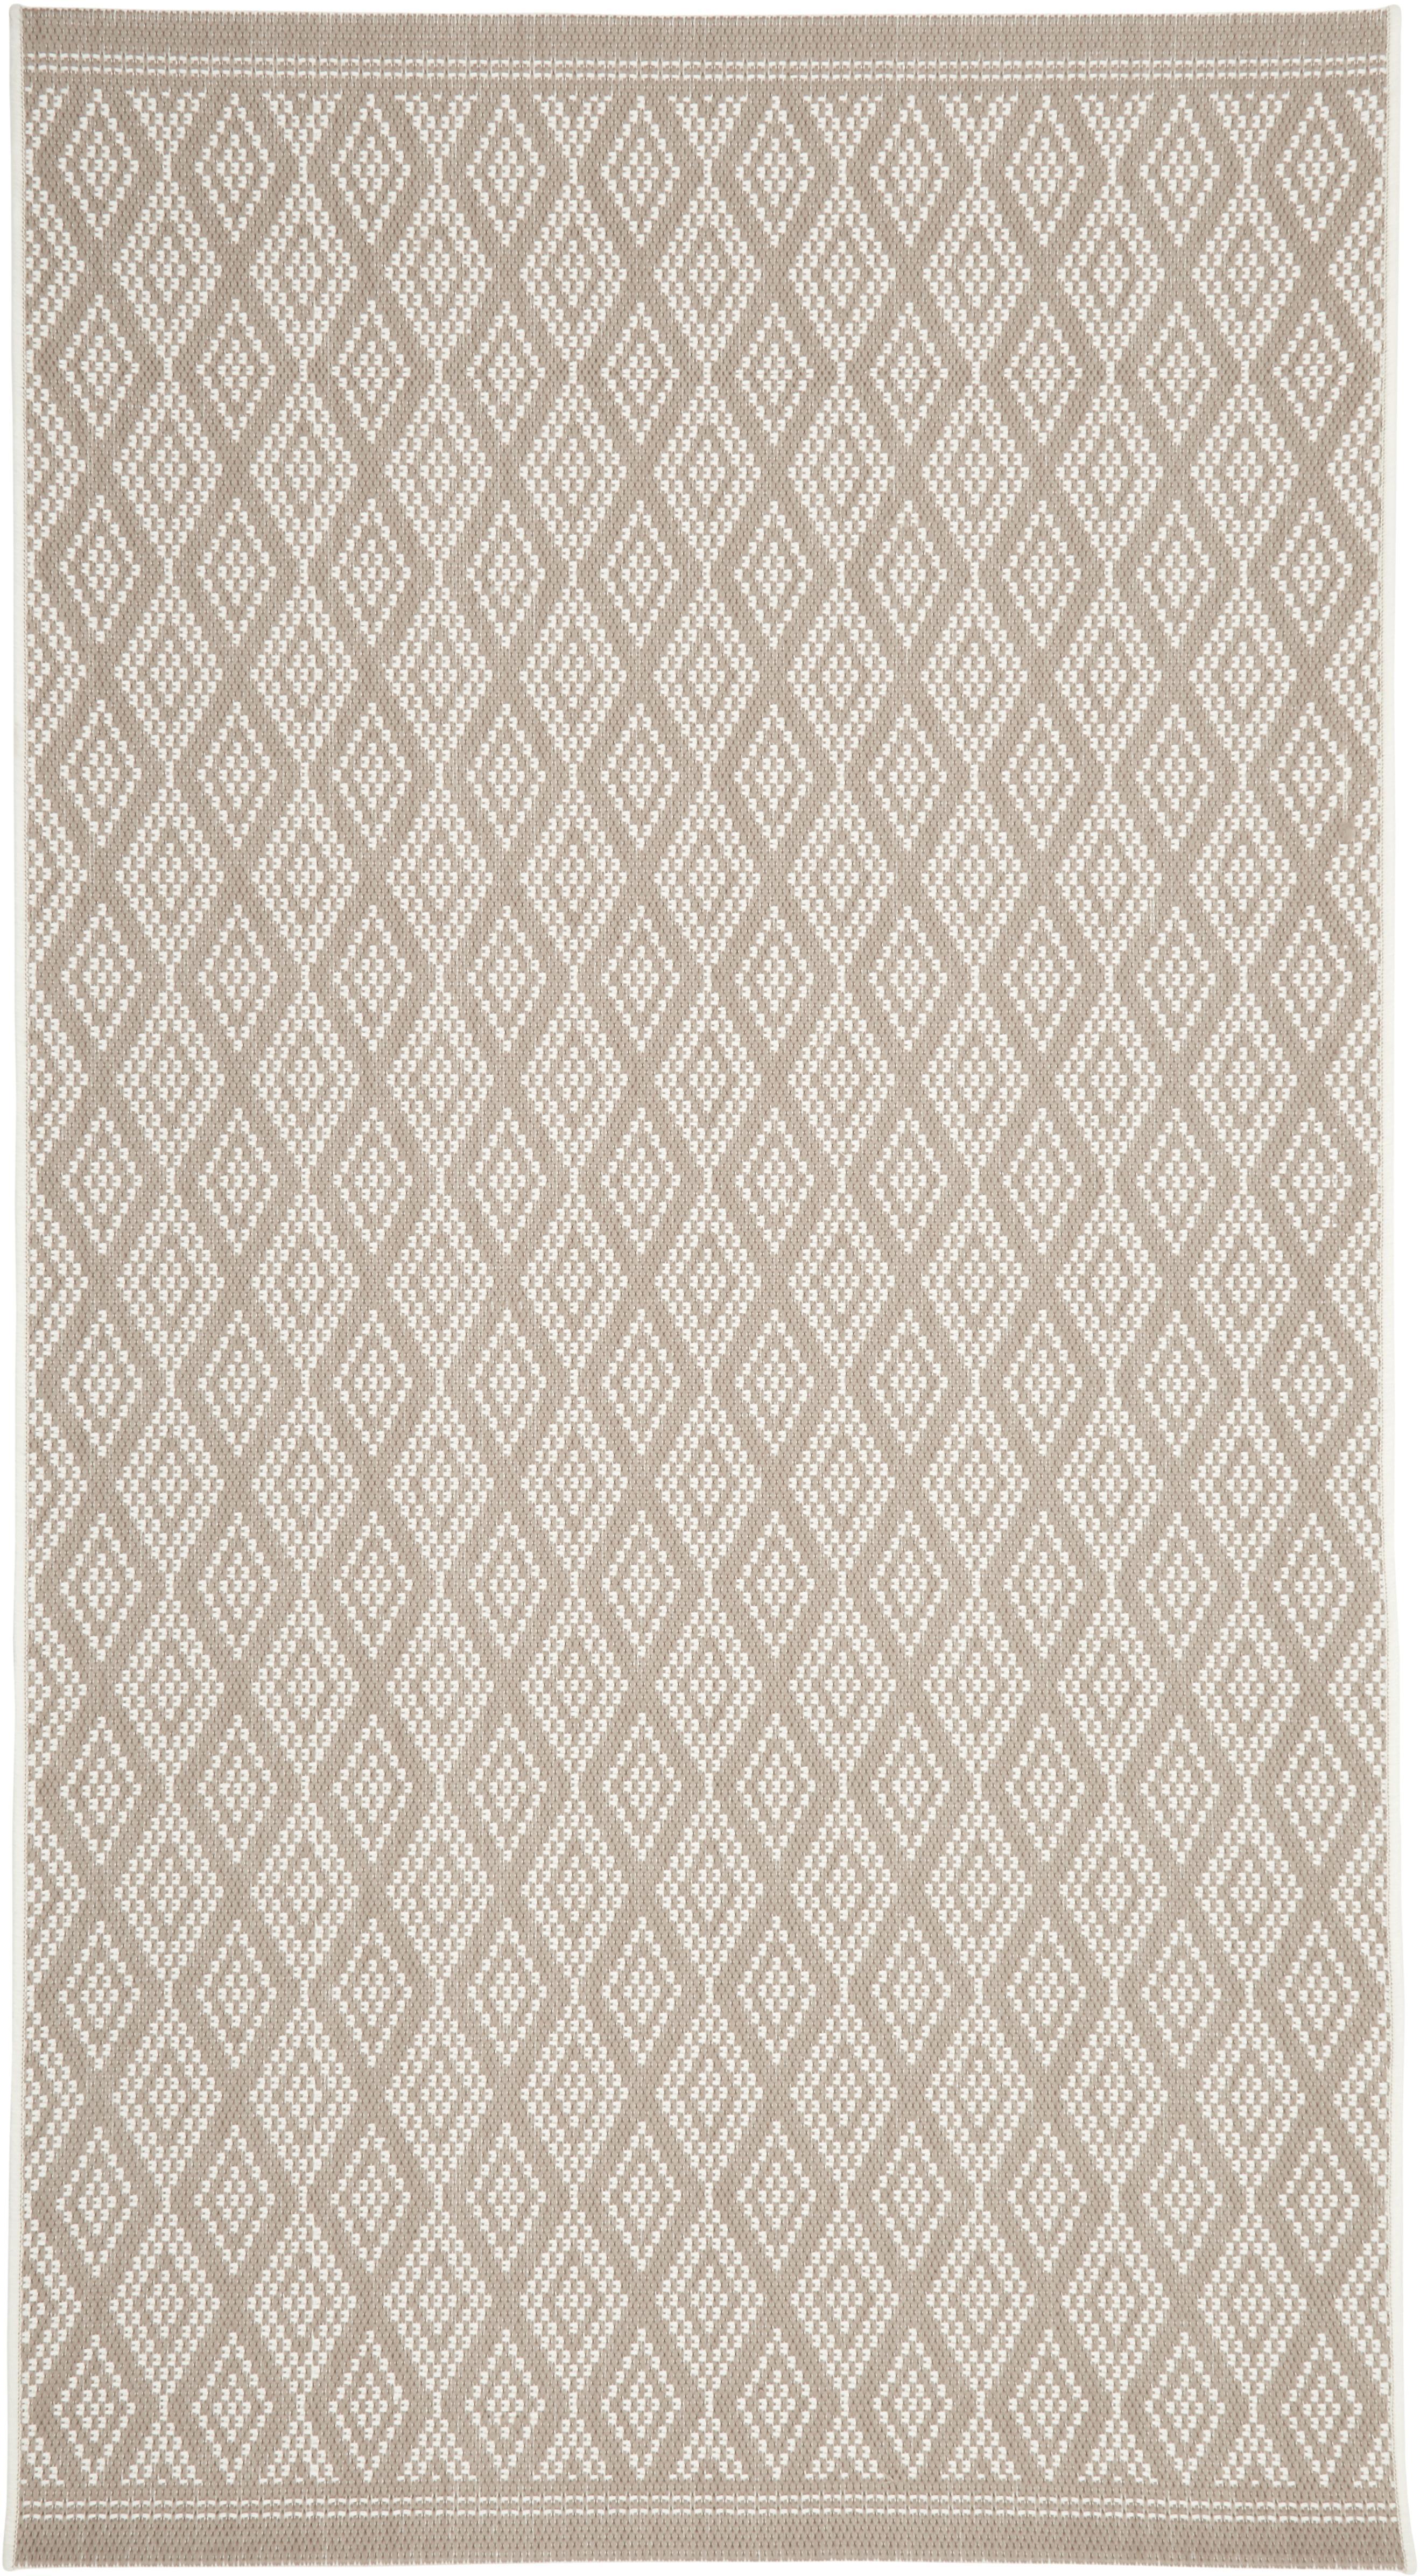 Tappeto da interno-esterno beige/crema Capri, Retro: poliestere, Bianco crema, beige, Larg. 80 x Lung. 150 cm (taglia XS)